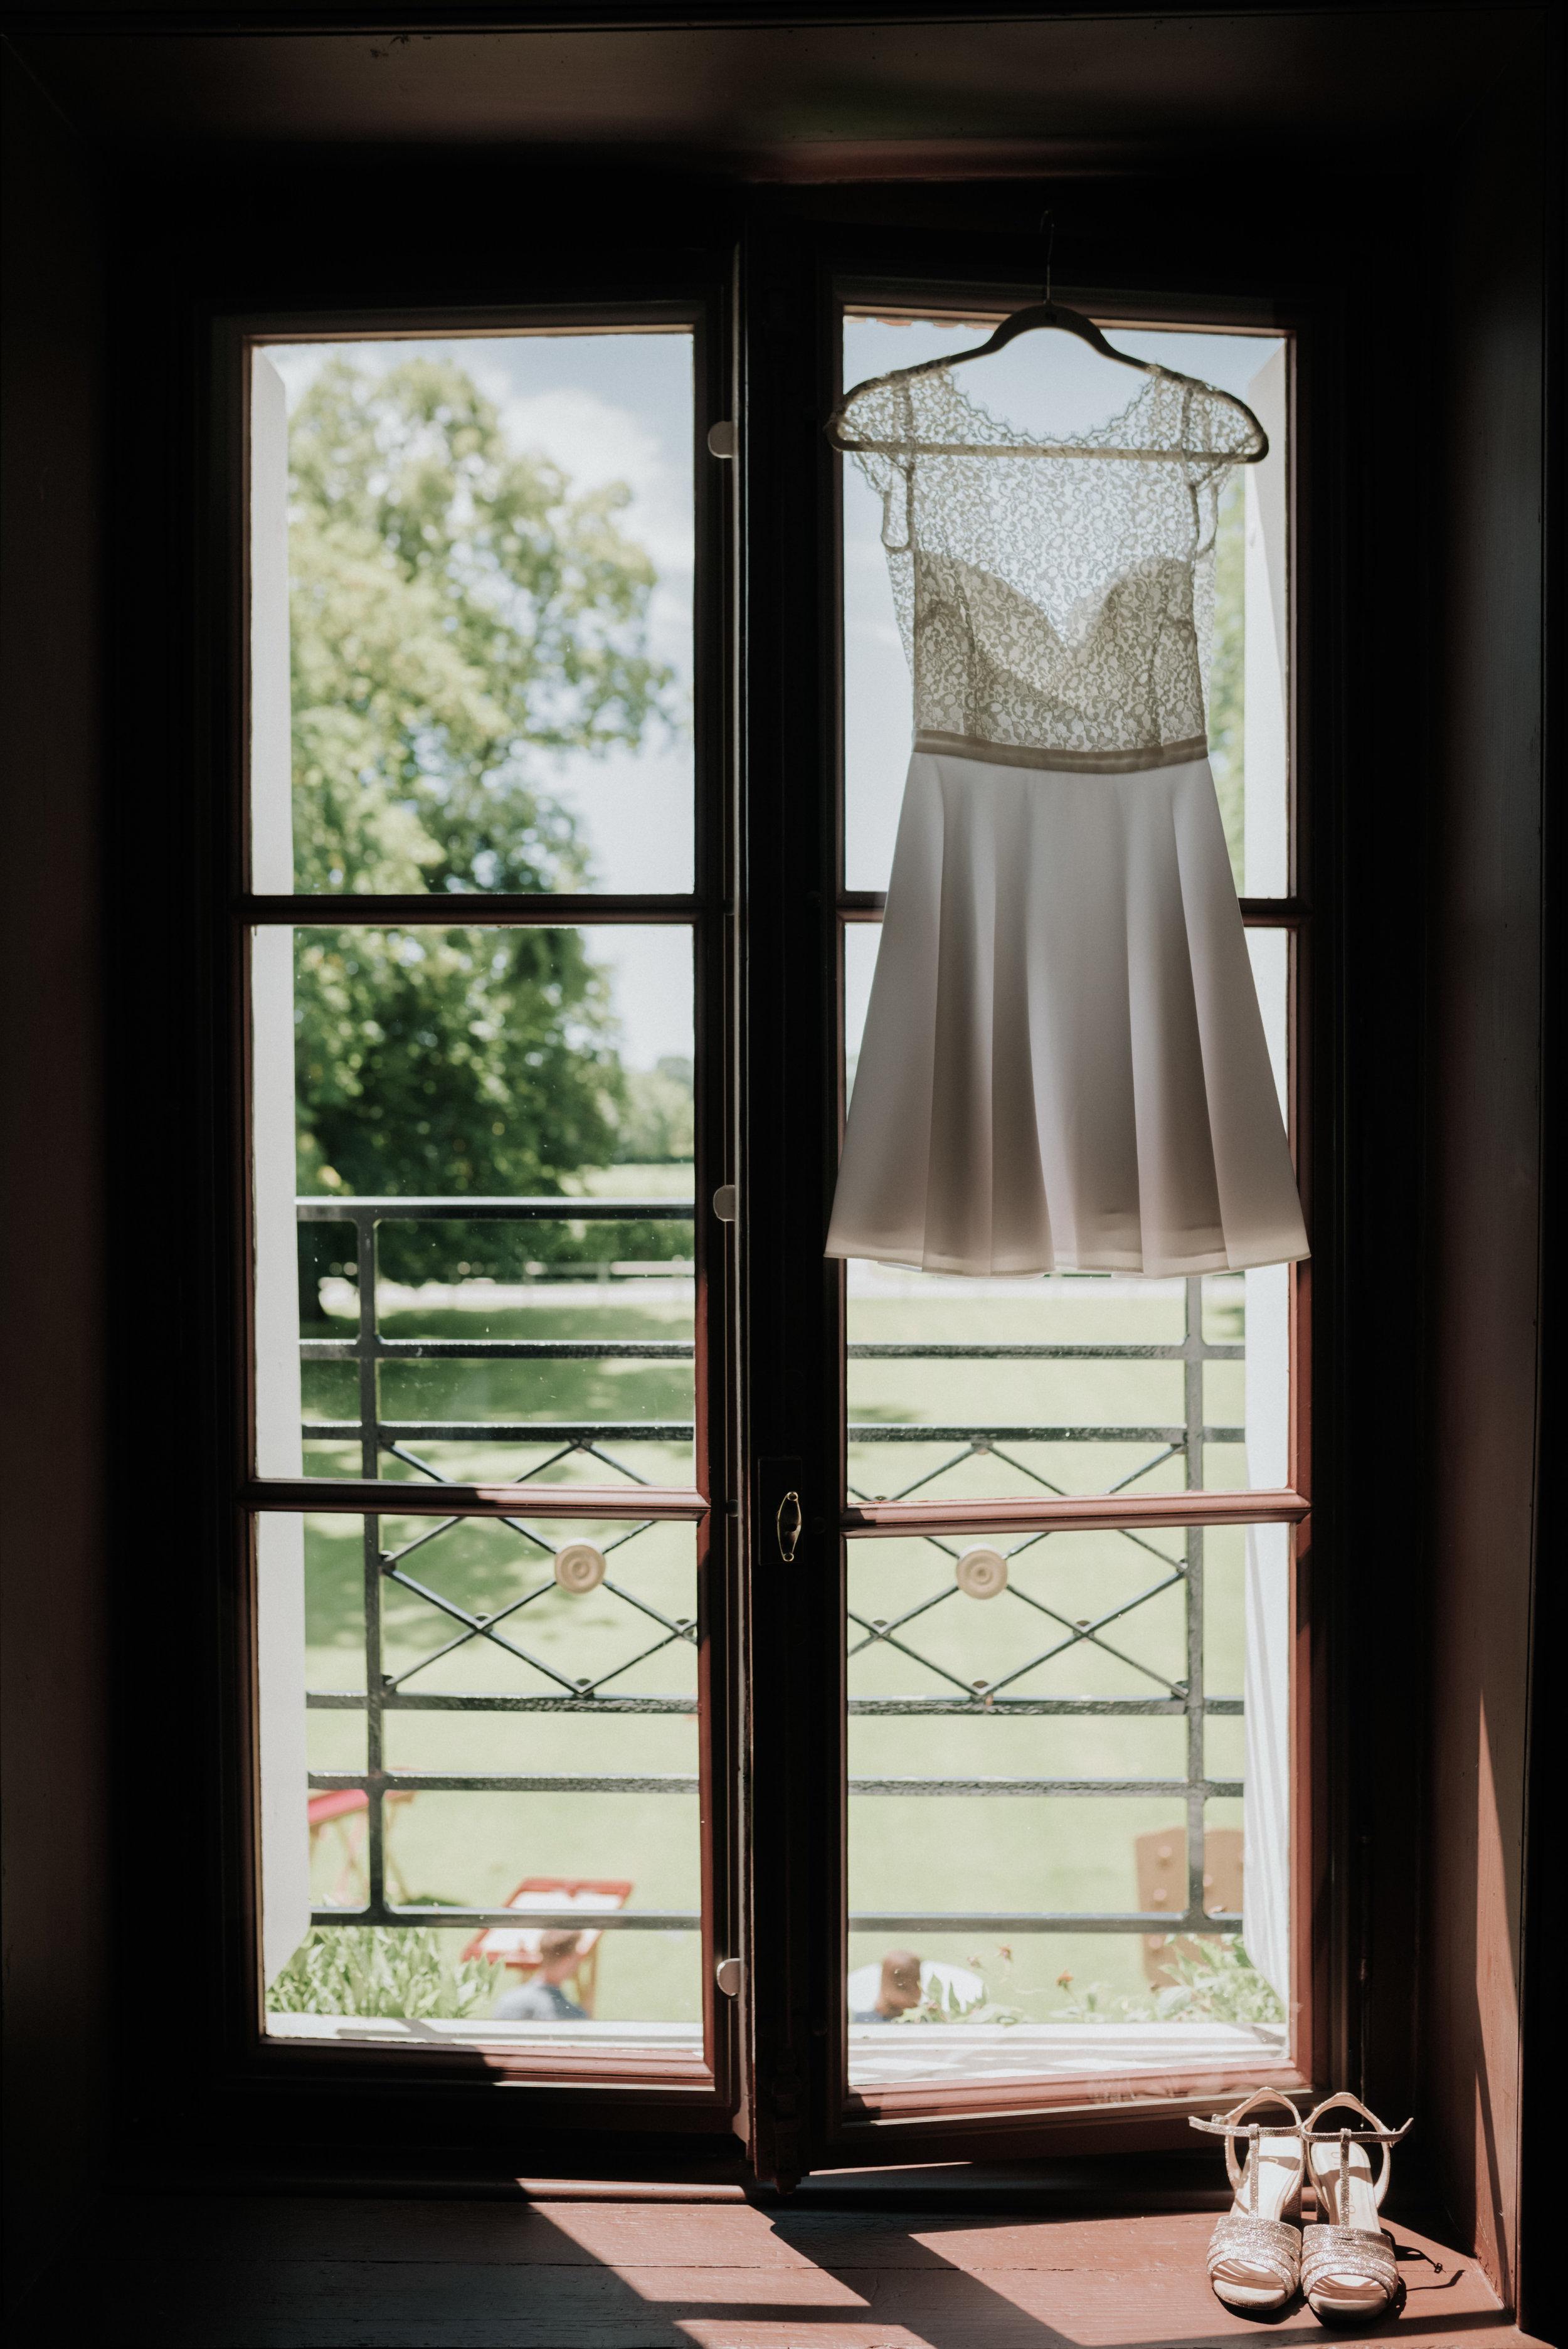 Léa-Fery-photographe-professionnel-lyon-rhone-alpes-portrait-creation-mariage-evenement-evenementiel-famille-2-26 (2).jpg